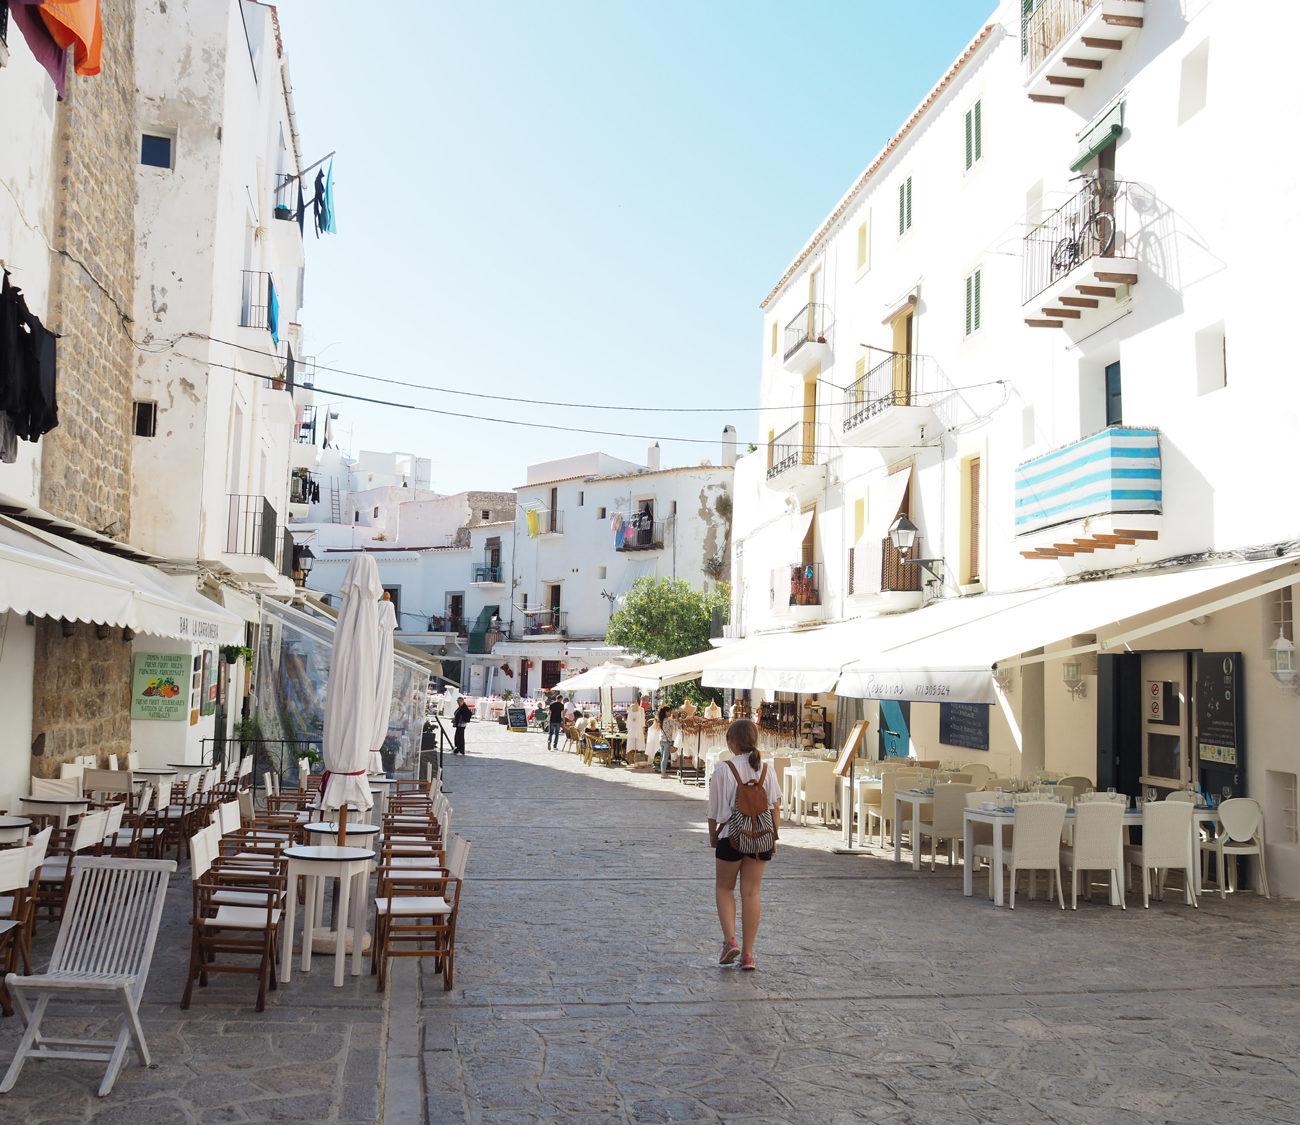 Een straat met witte huizen en vol terrasjes aan weerszijden van de straat.